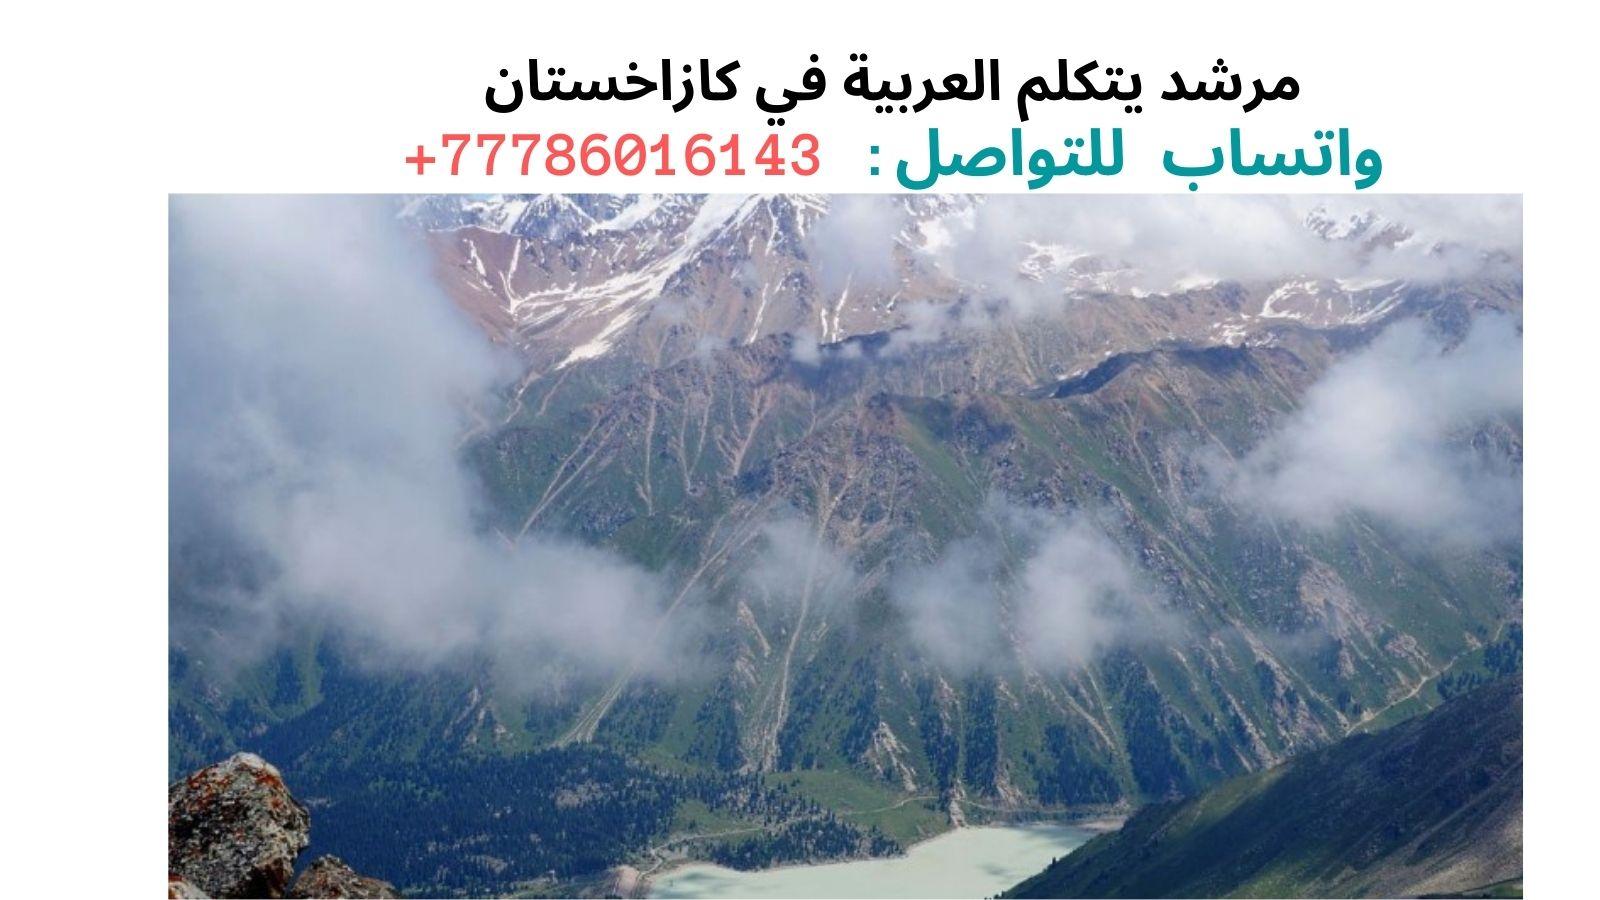 هاتف او جوال المترجم في كازاخستان،  0077786016143